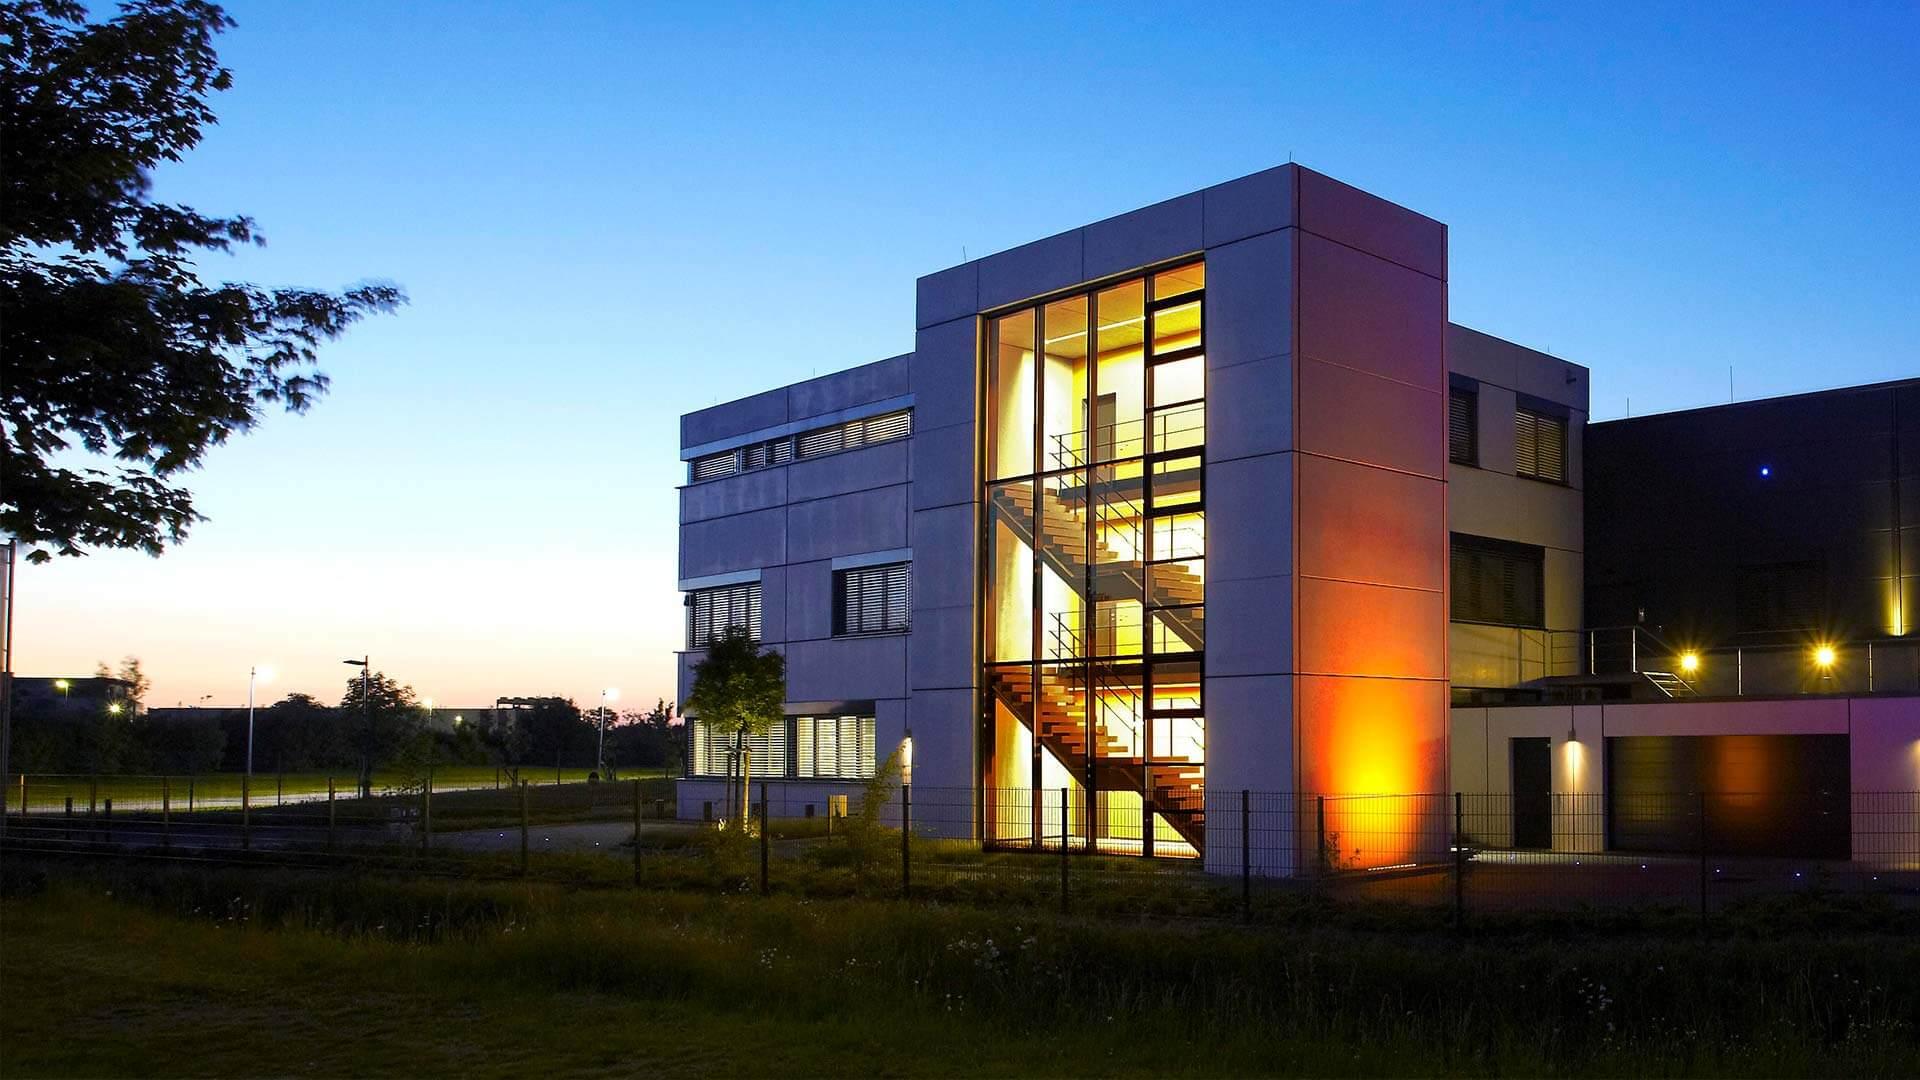 aixFOAM geluidsisolatie - Het bedrijfsgebouw waarin de geluidsabsorbers worden vervaardigd